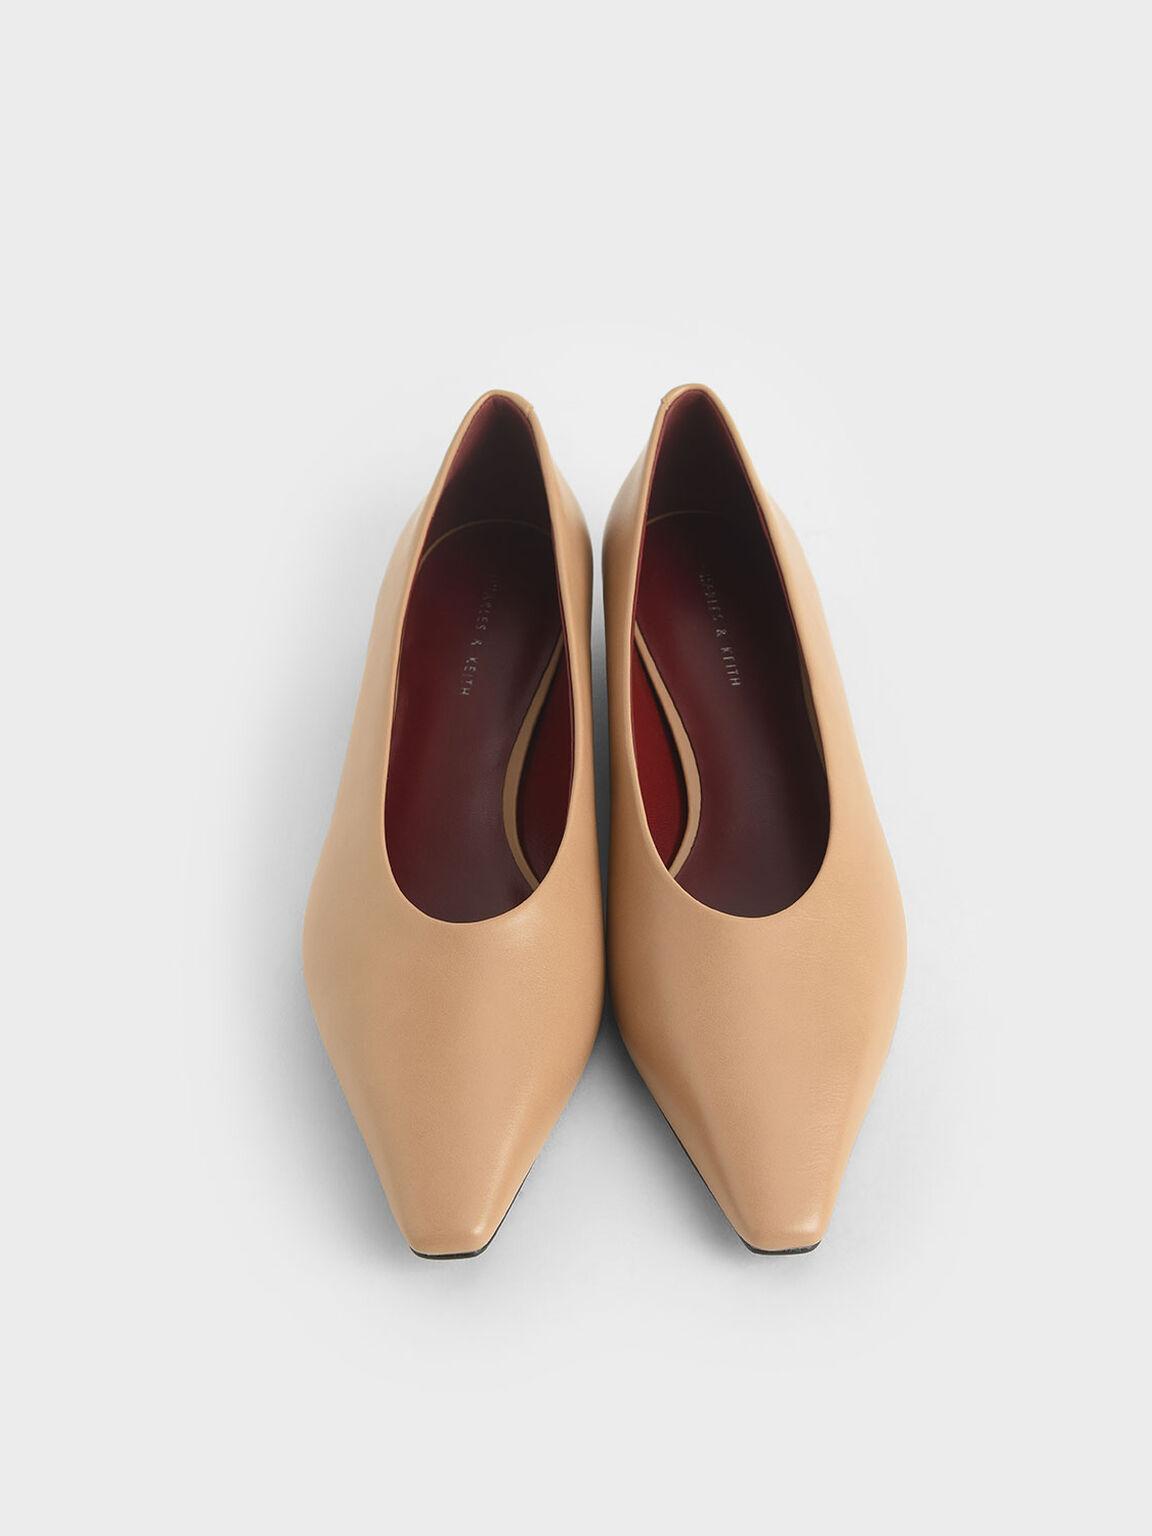 Classic Ballerina Flats, Nude, hi-res